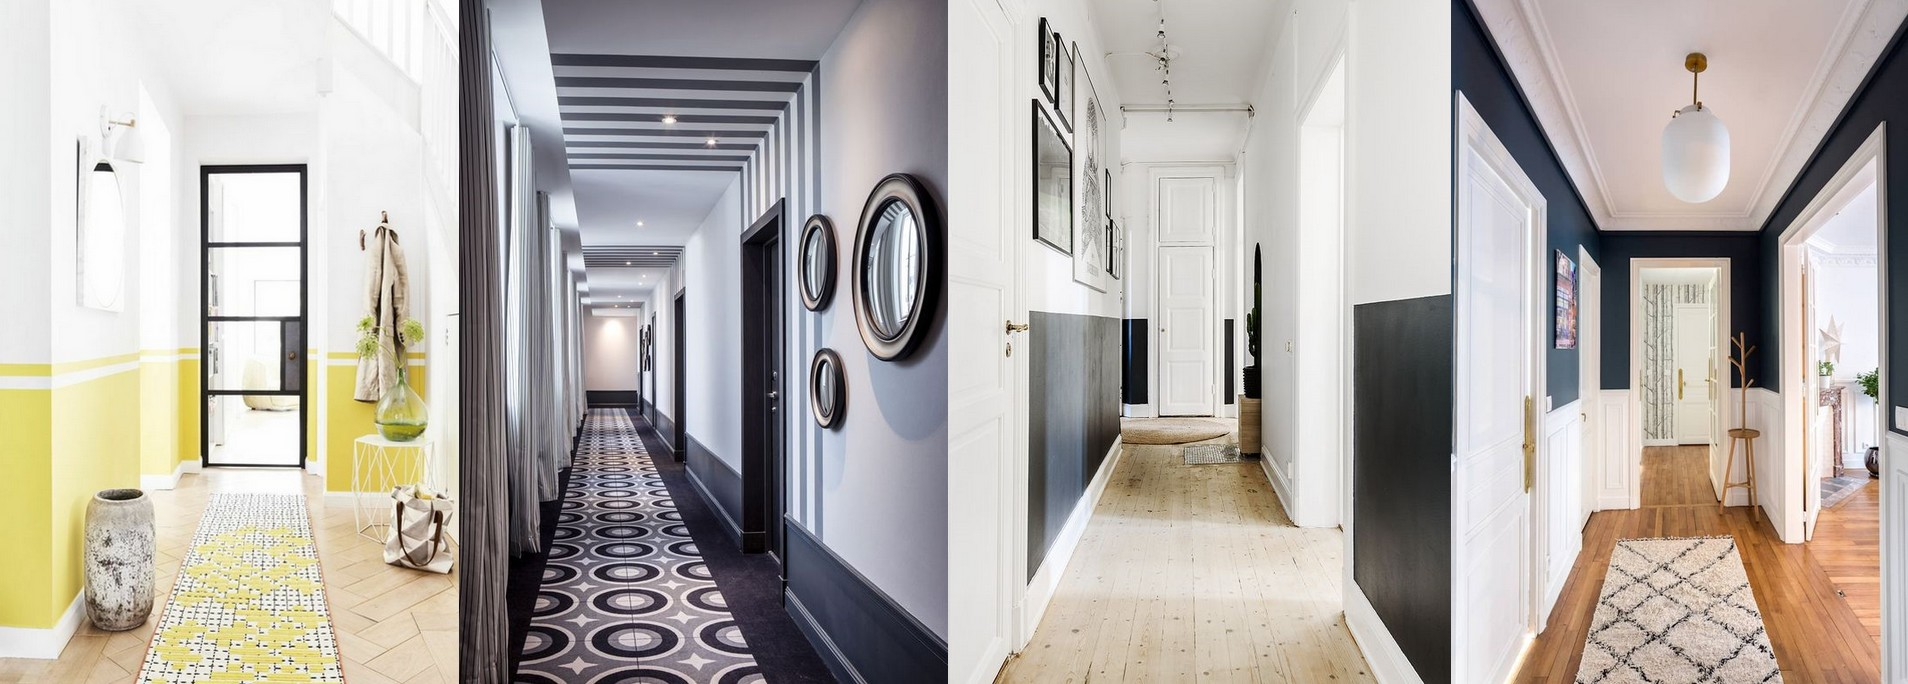 Couloirs (6).jpg